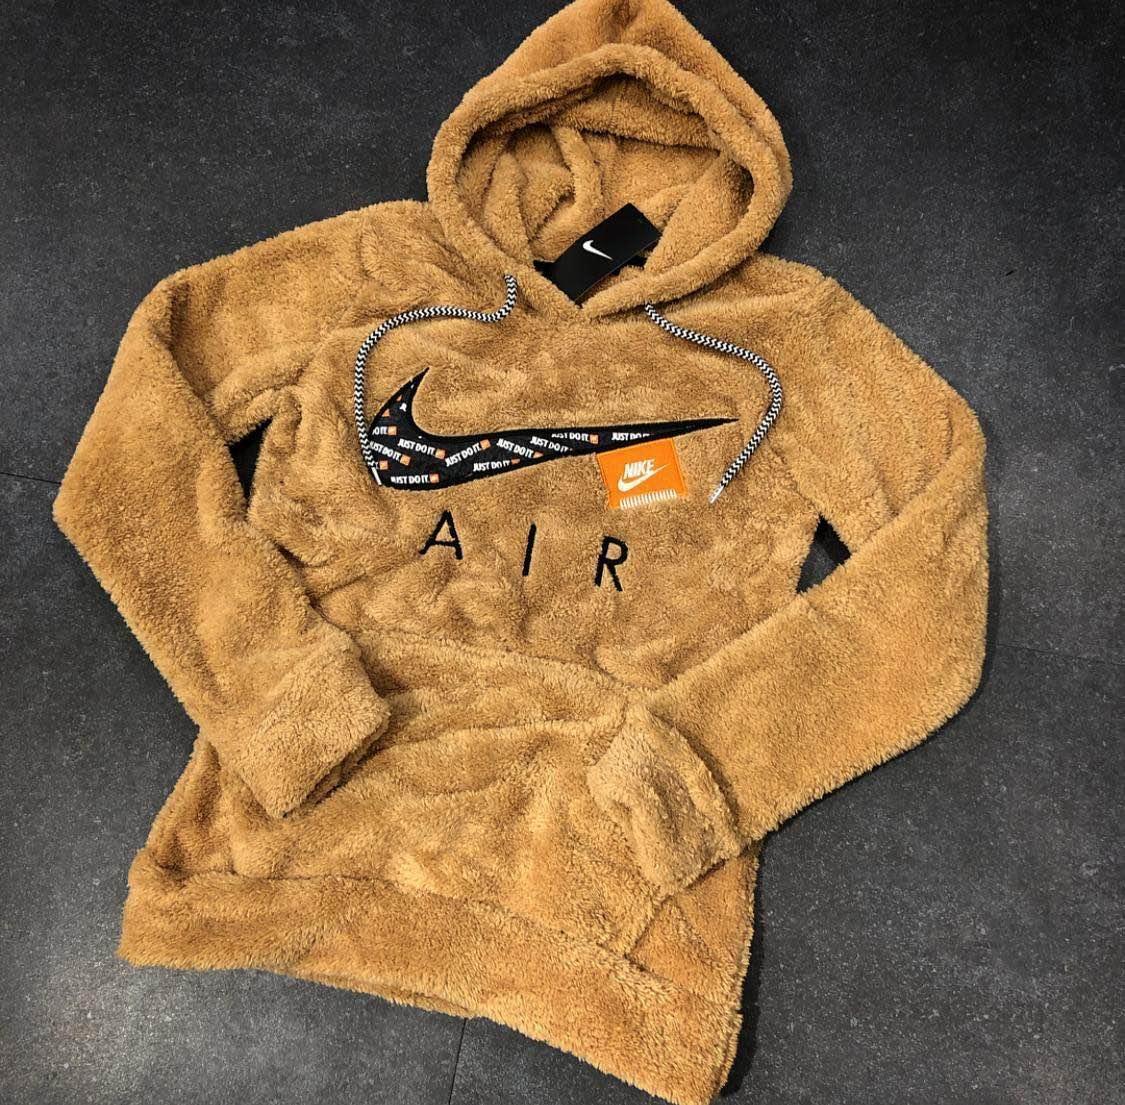 0d6b1701 Кофта мужская Nike D5647 светло-коричневая с капюшоном - купить по ...